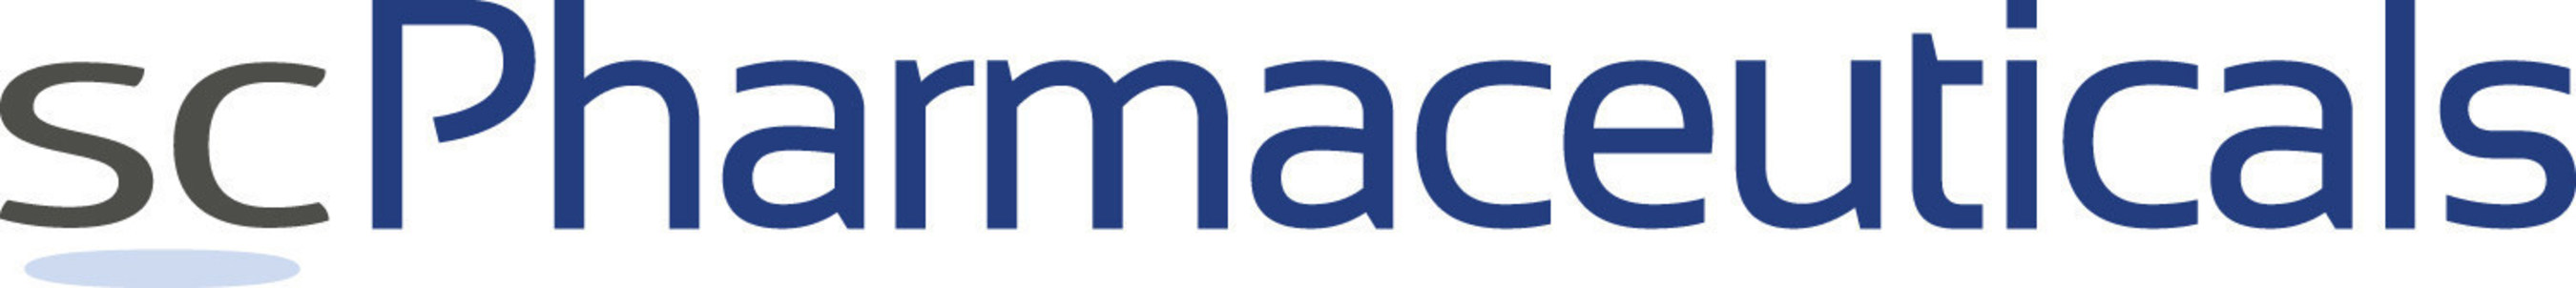 scPharmaceuticals, Inc. Logo.